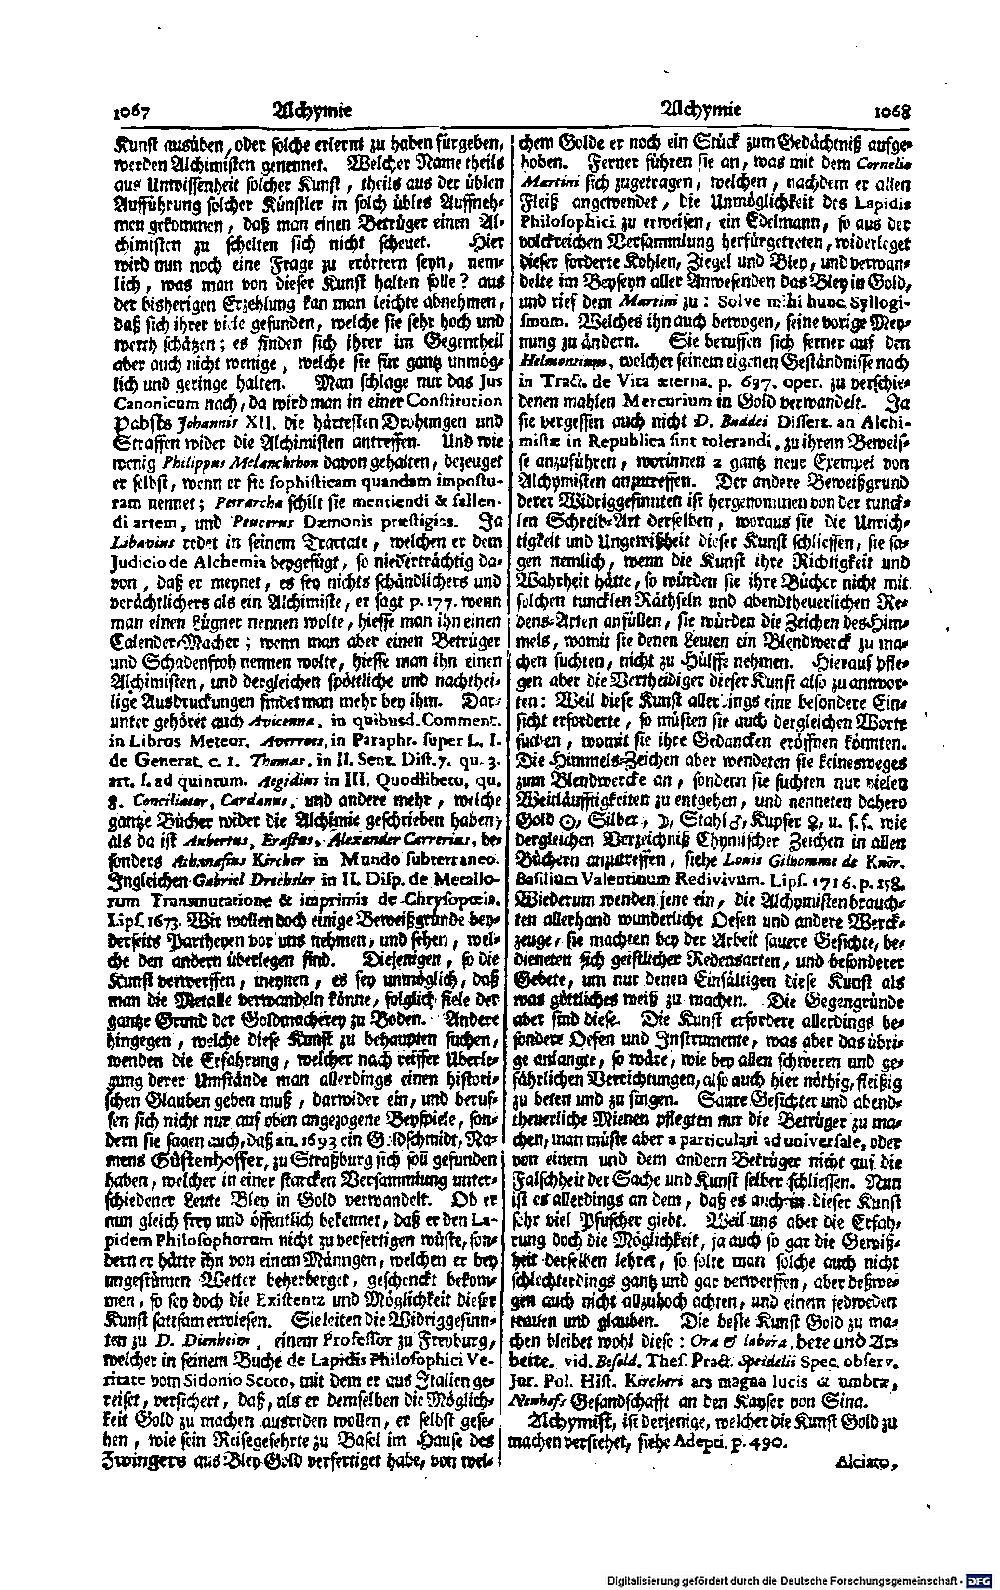 Bd. 01, Seite 0573.